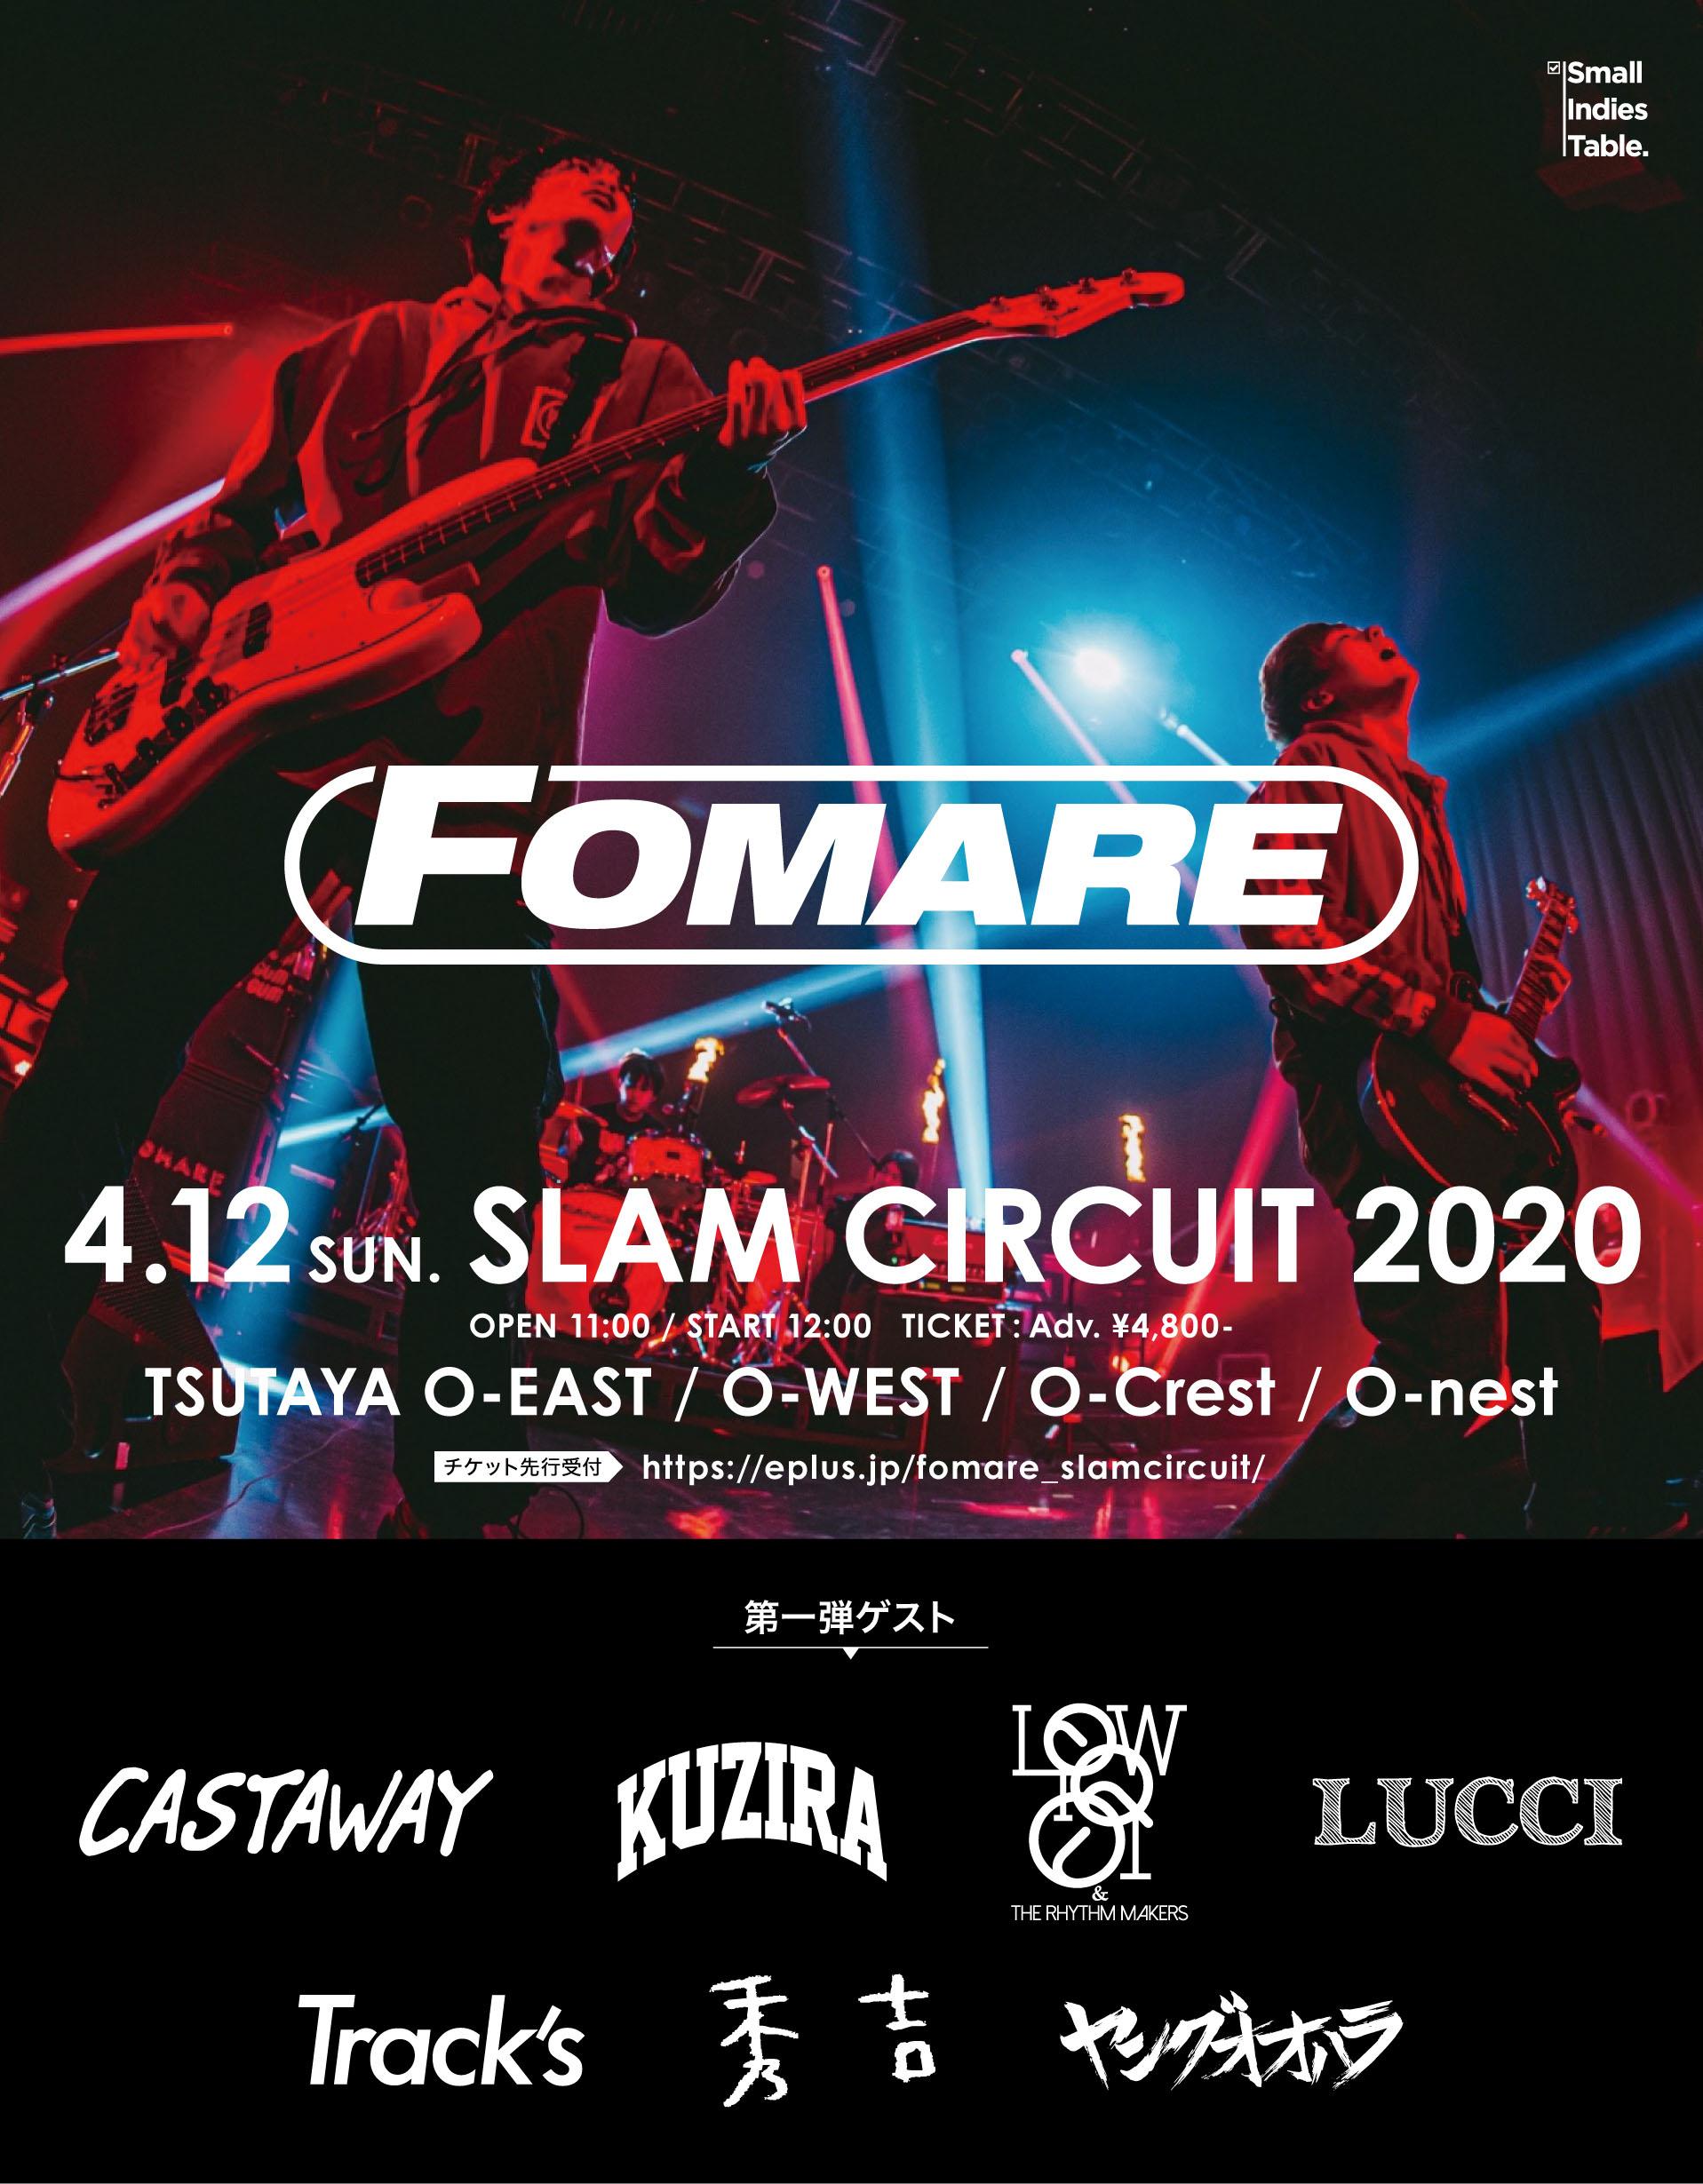 FOMARE SLAM CIRCUIT 2020